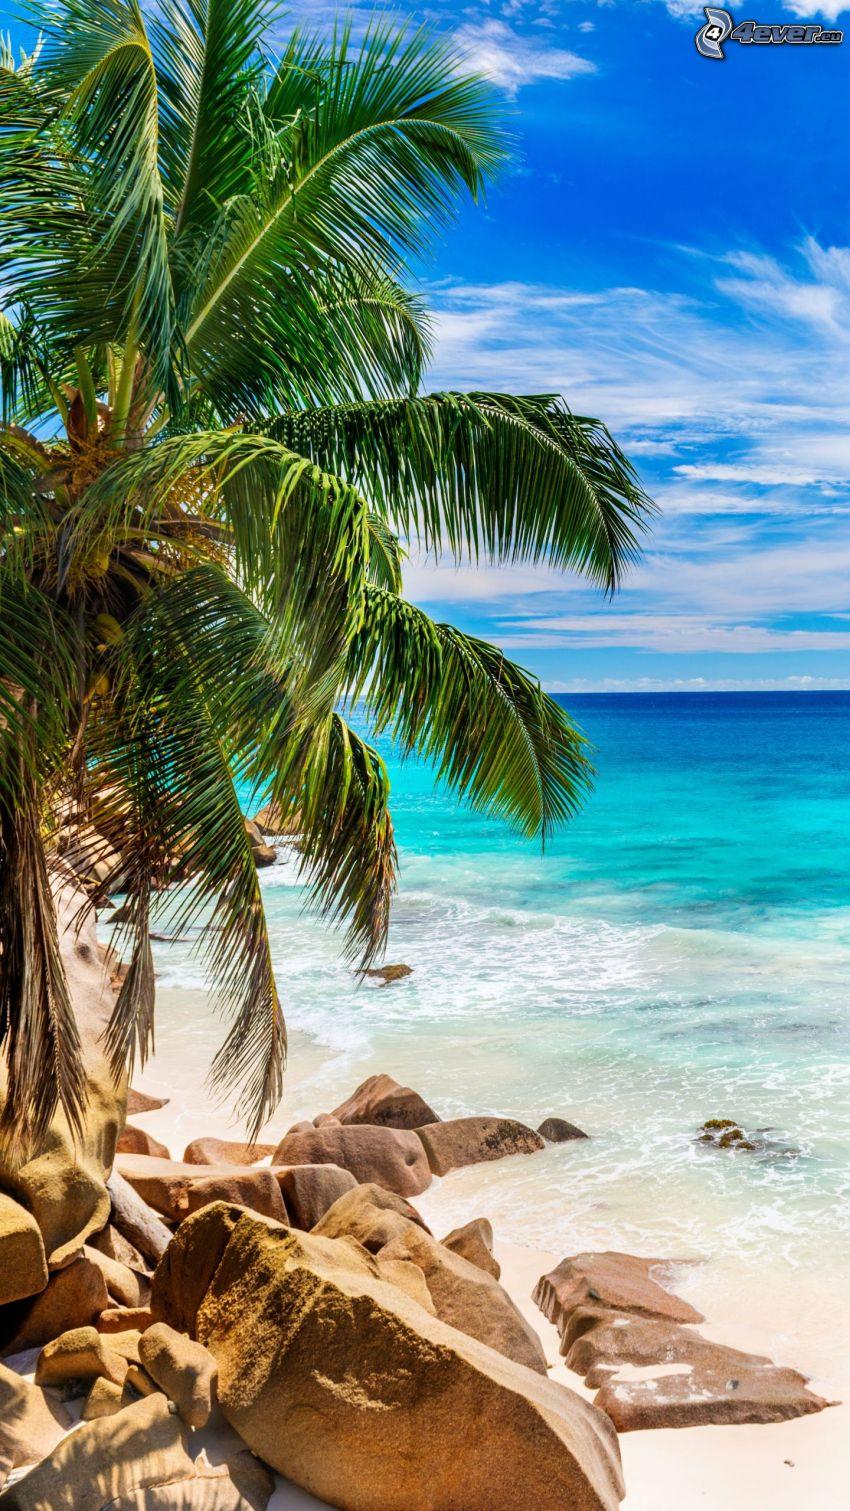 wybrzeże, skały, palma, morze otwarte